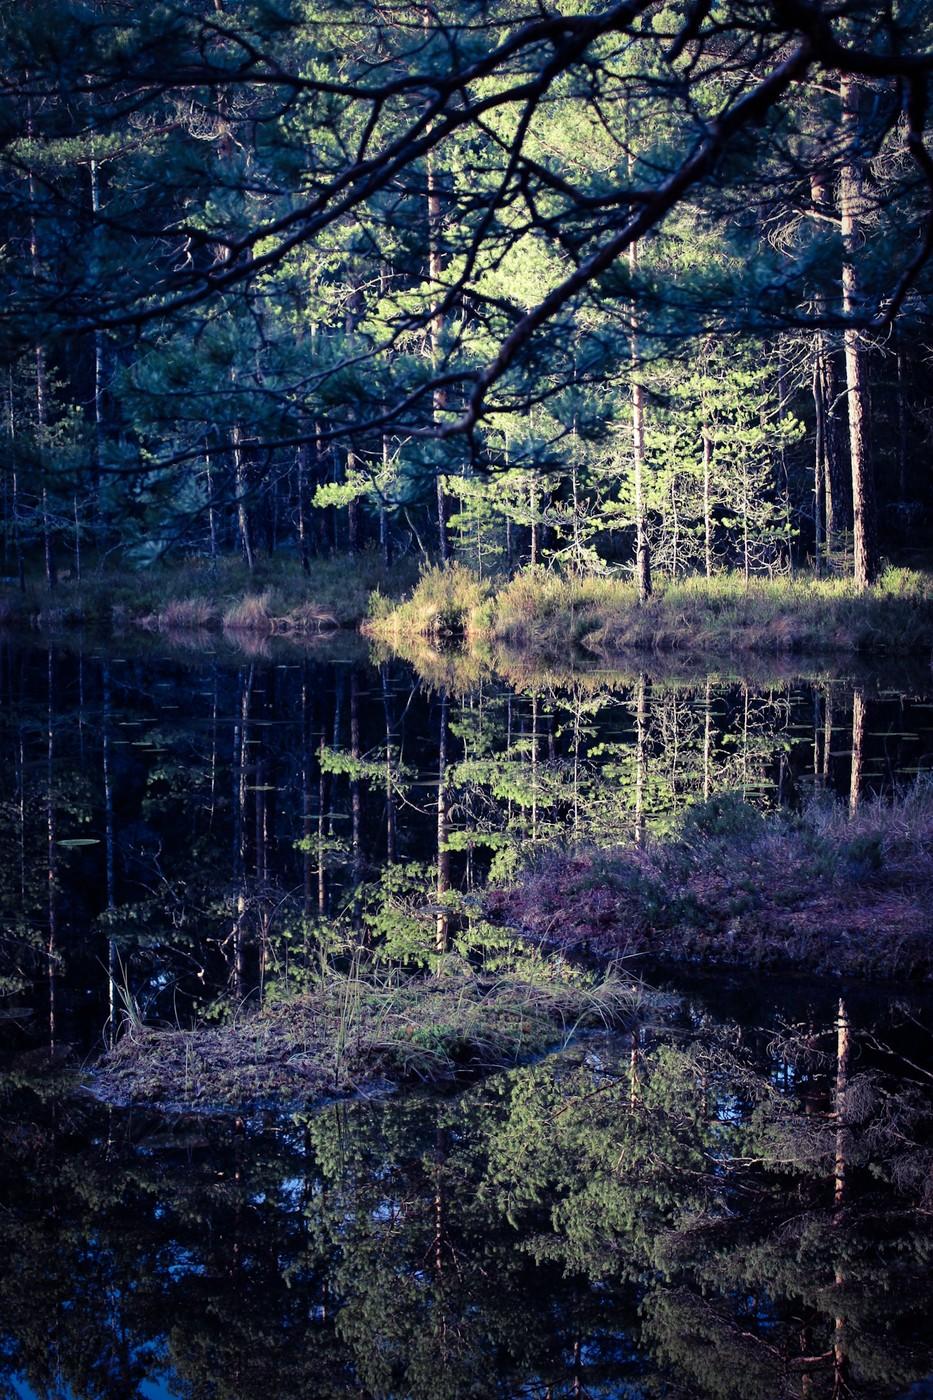 AdobePhotoshopExpress_2013_11_23_174421.jpg